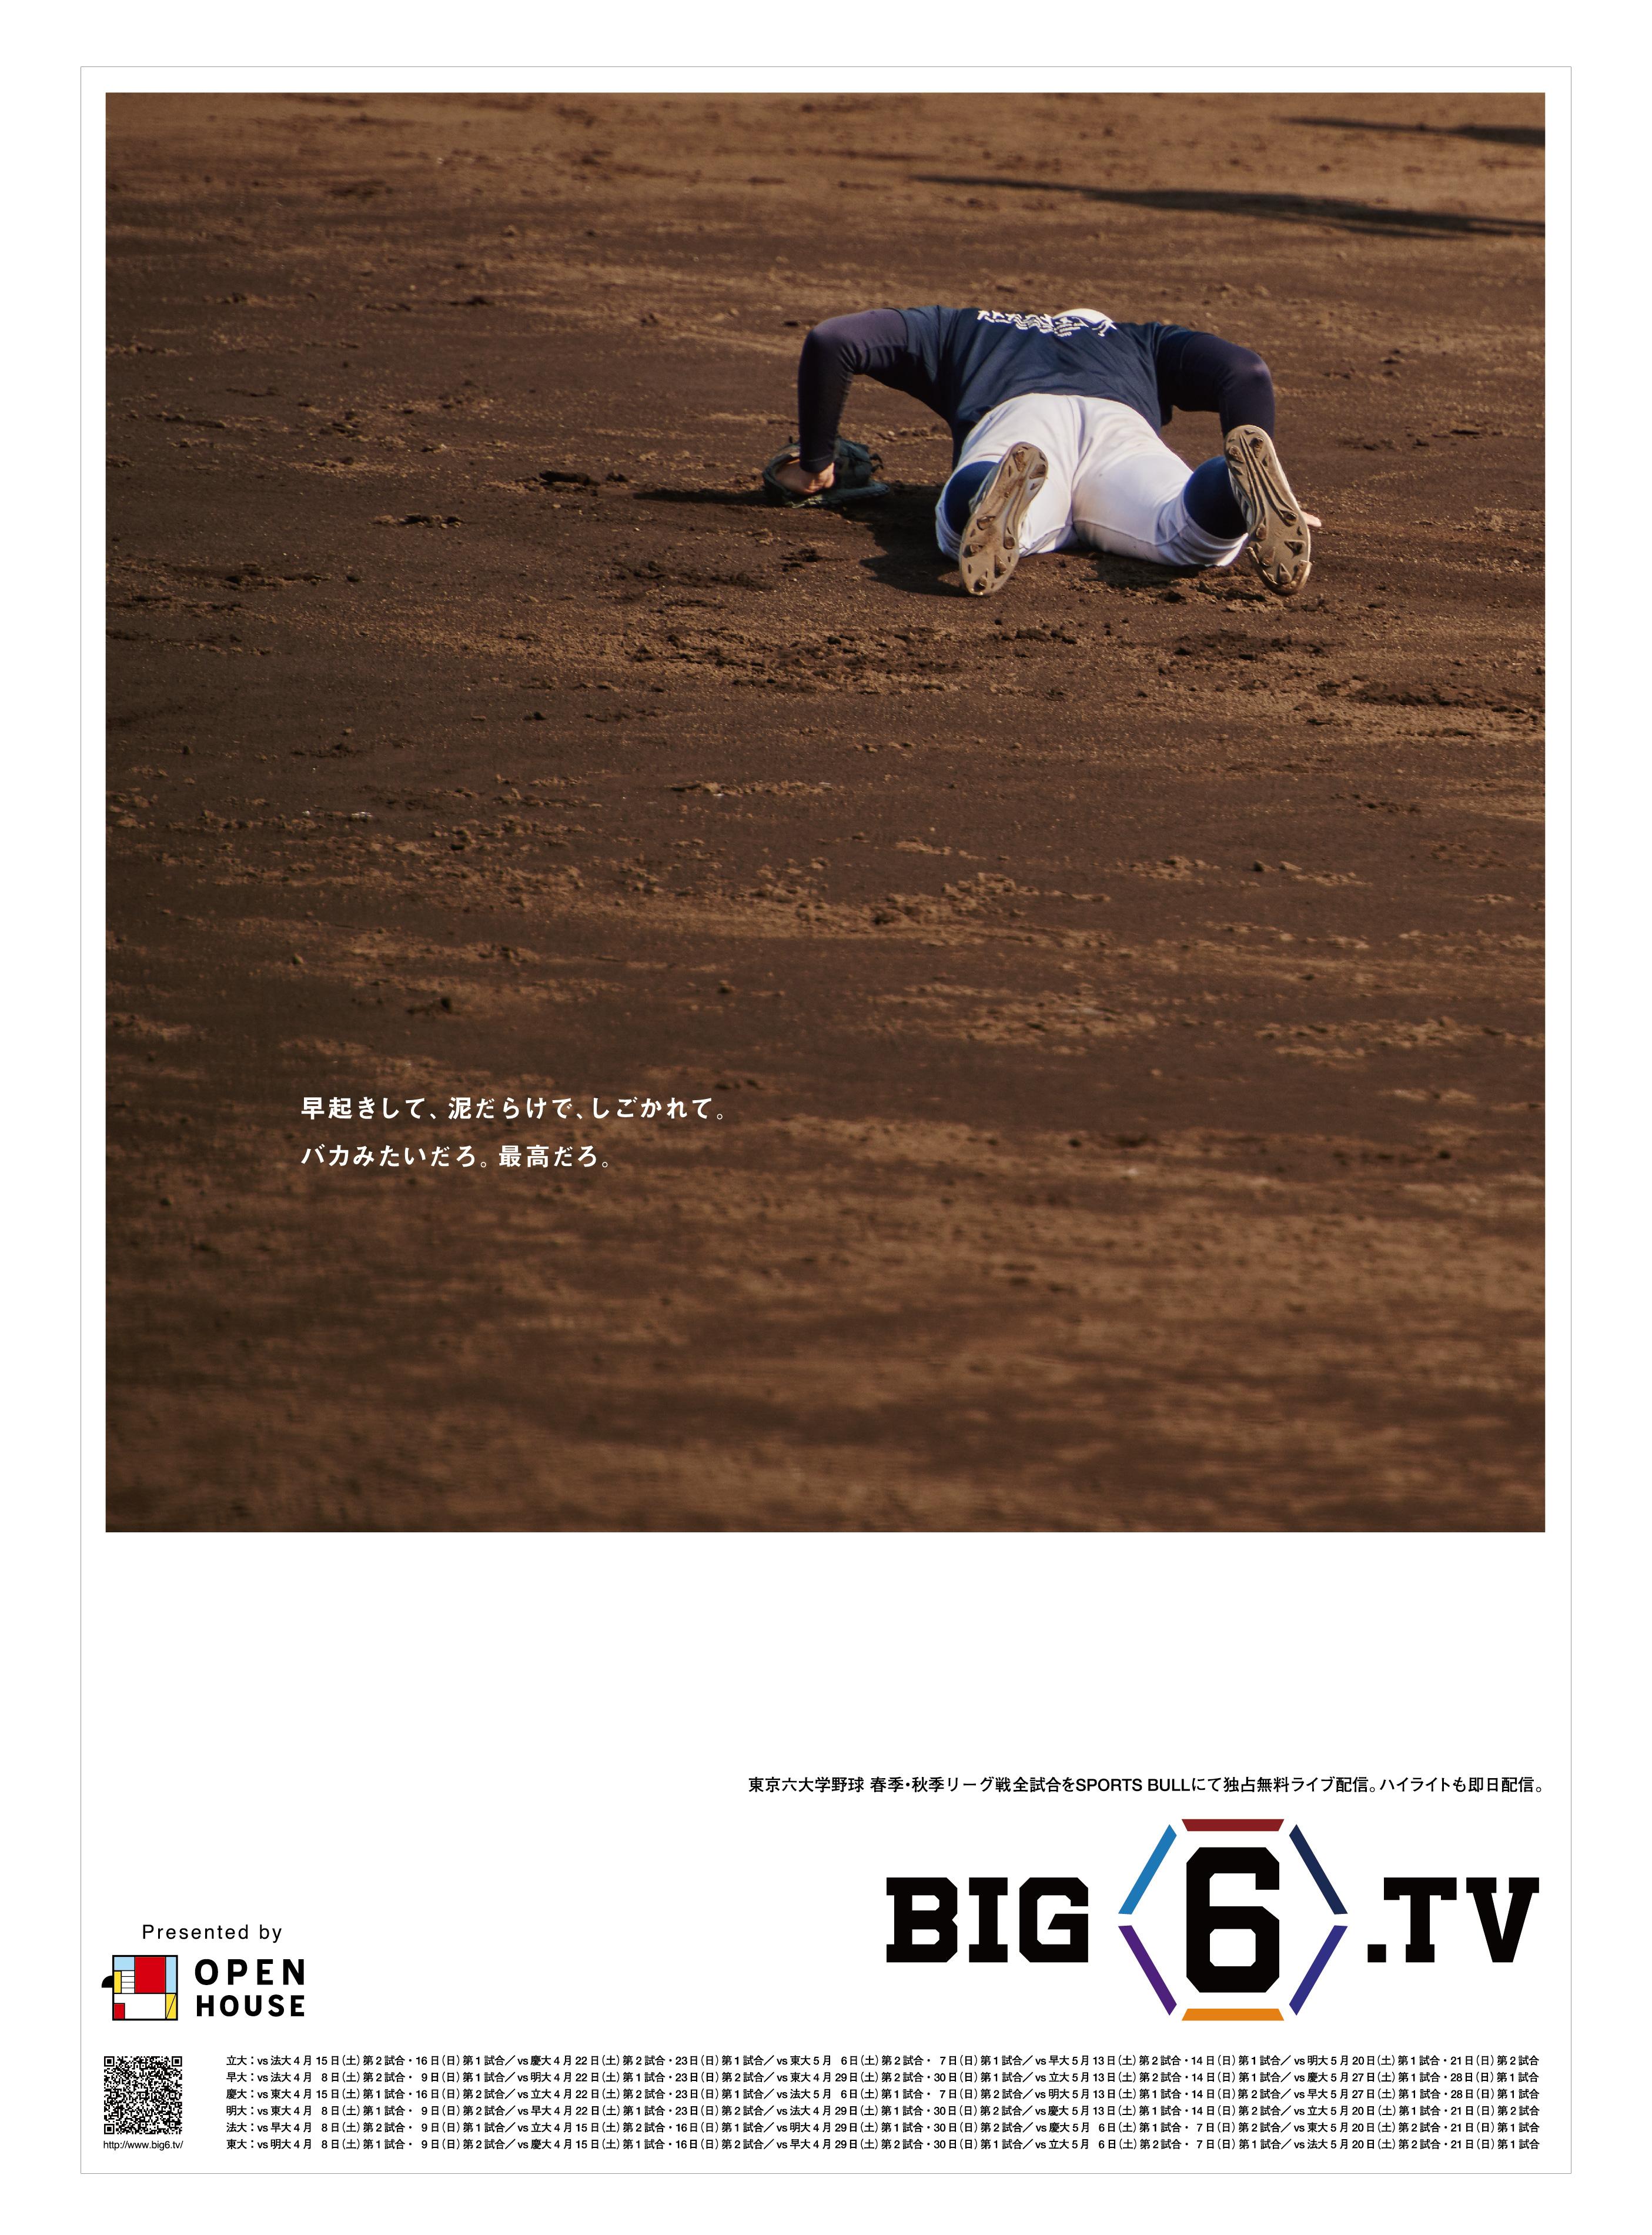 big6-11